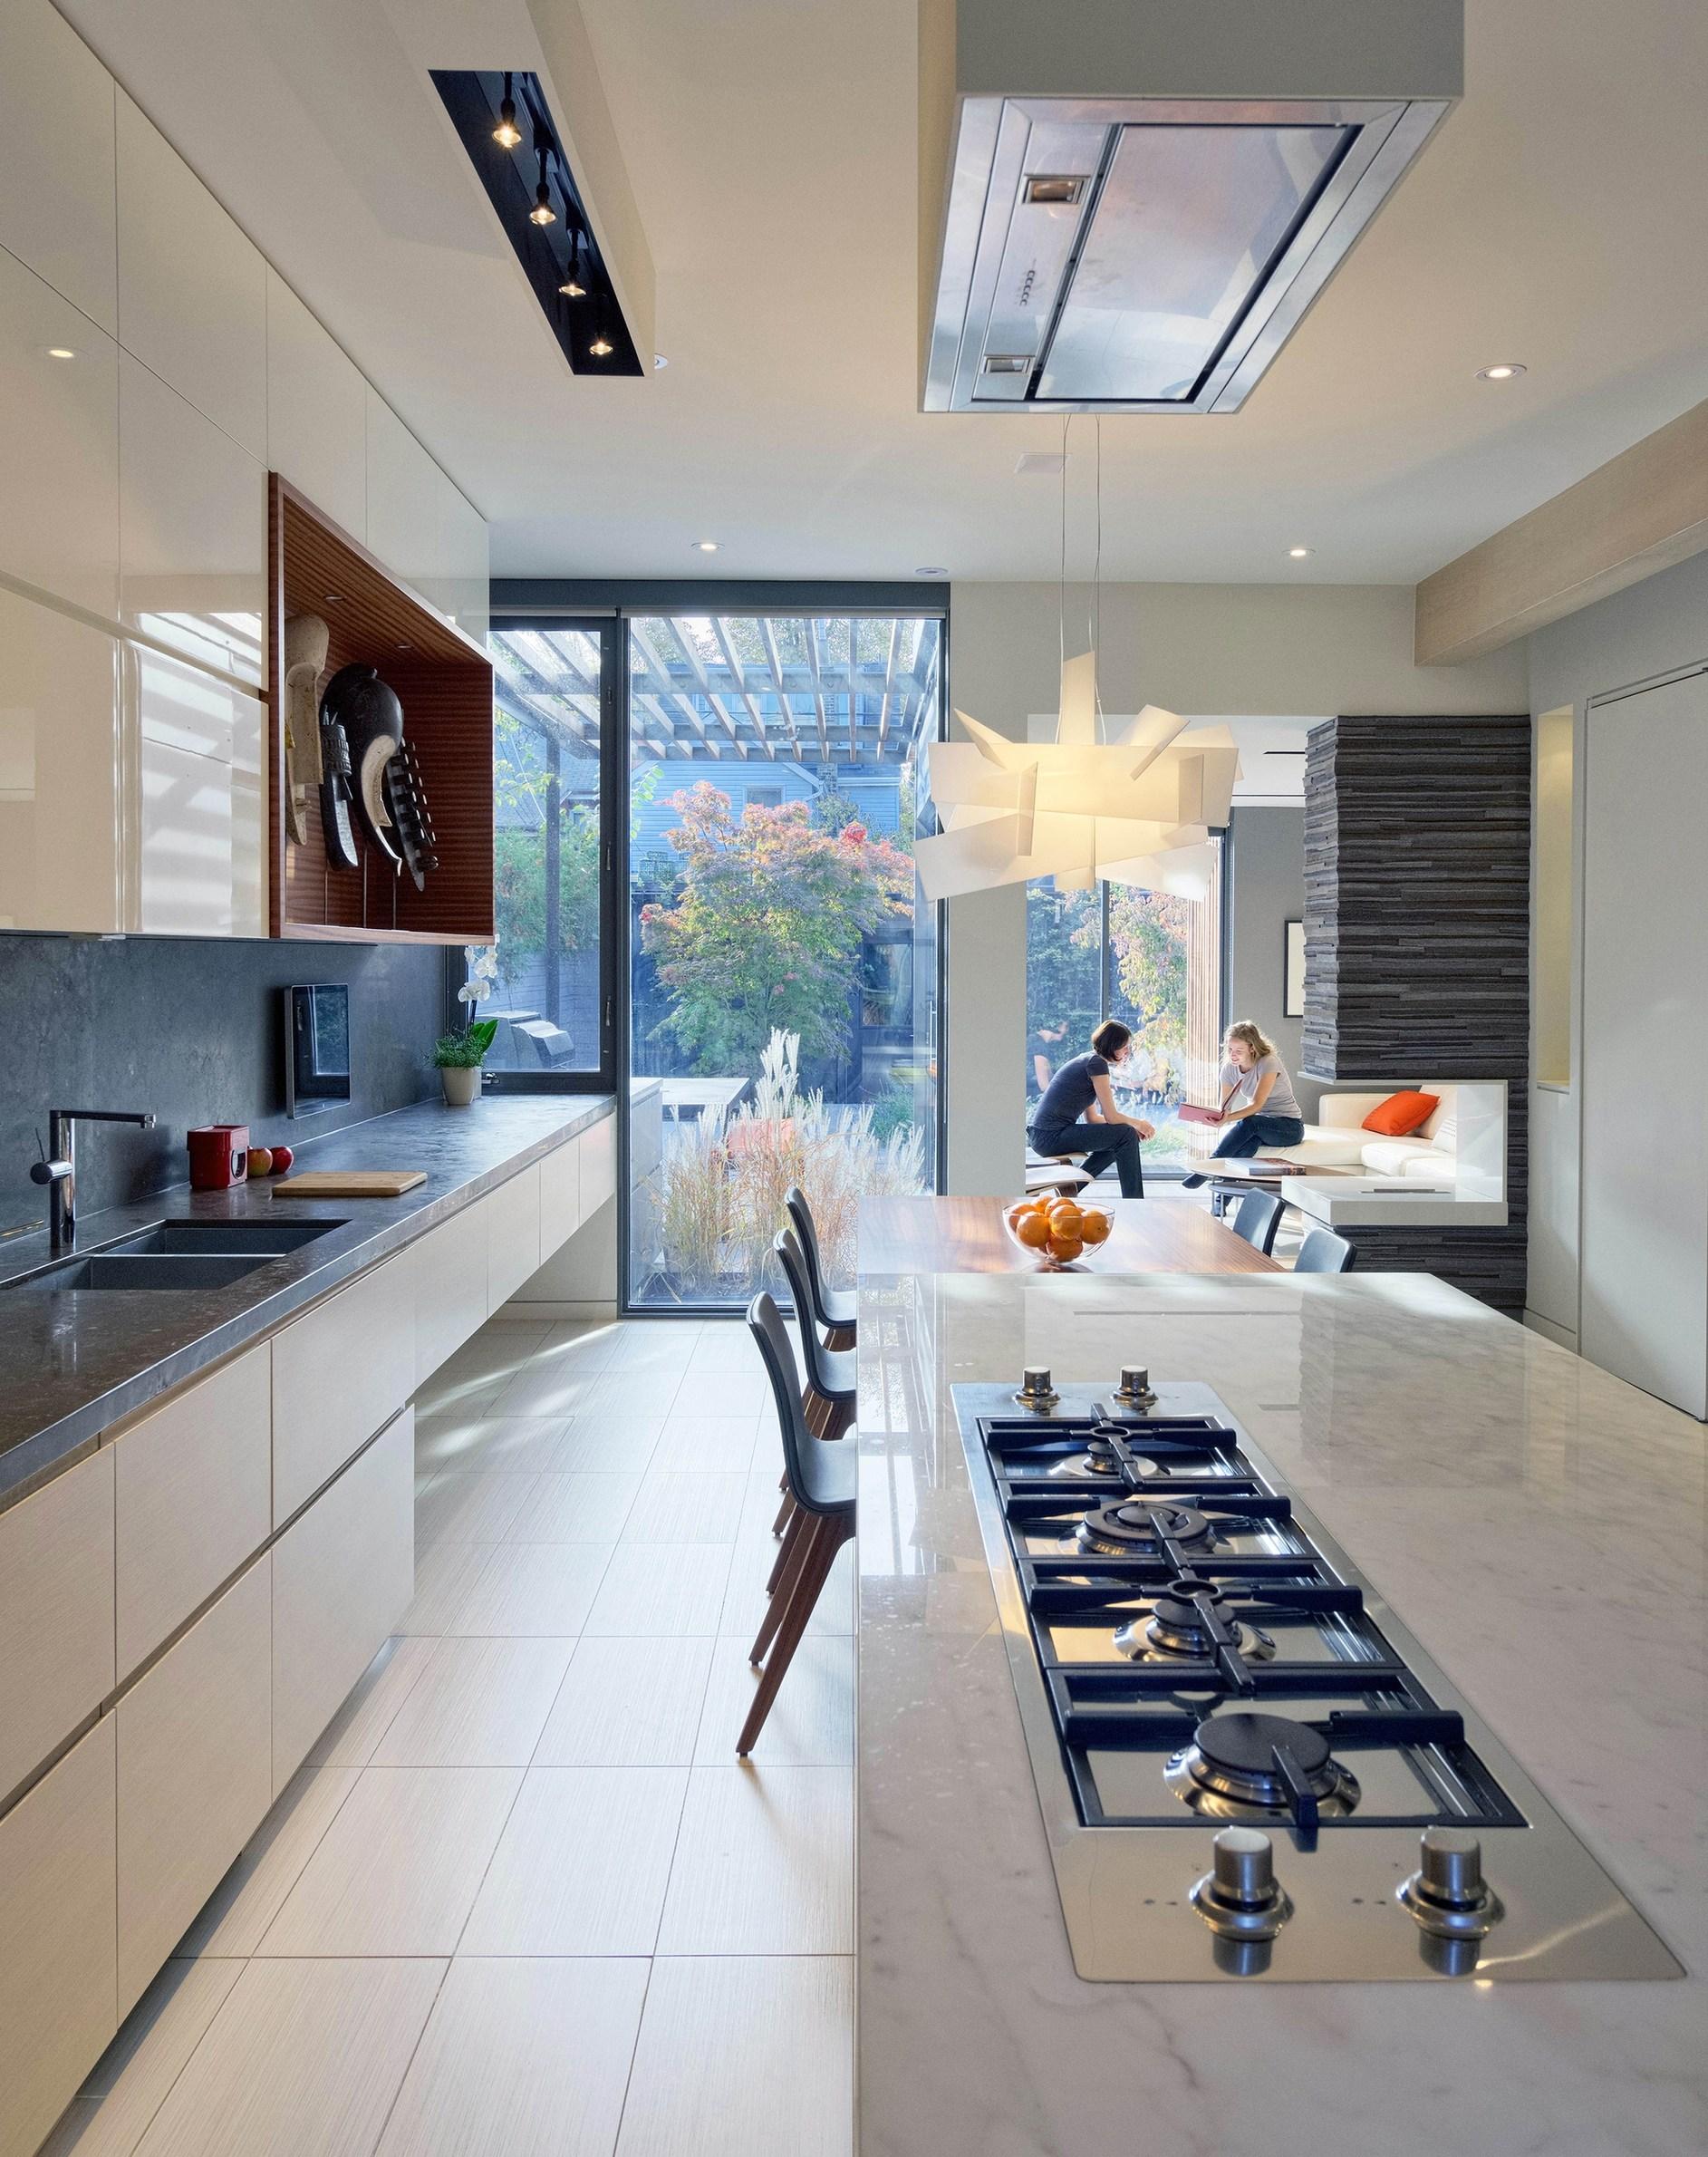 Through House By Dubbeldam Architecture Design Karmatrendz